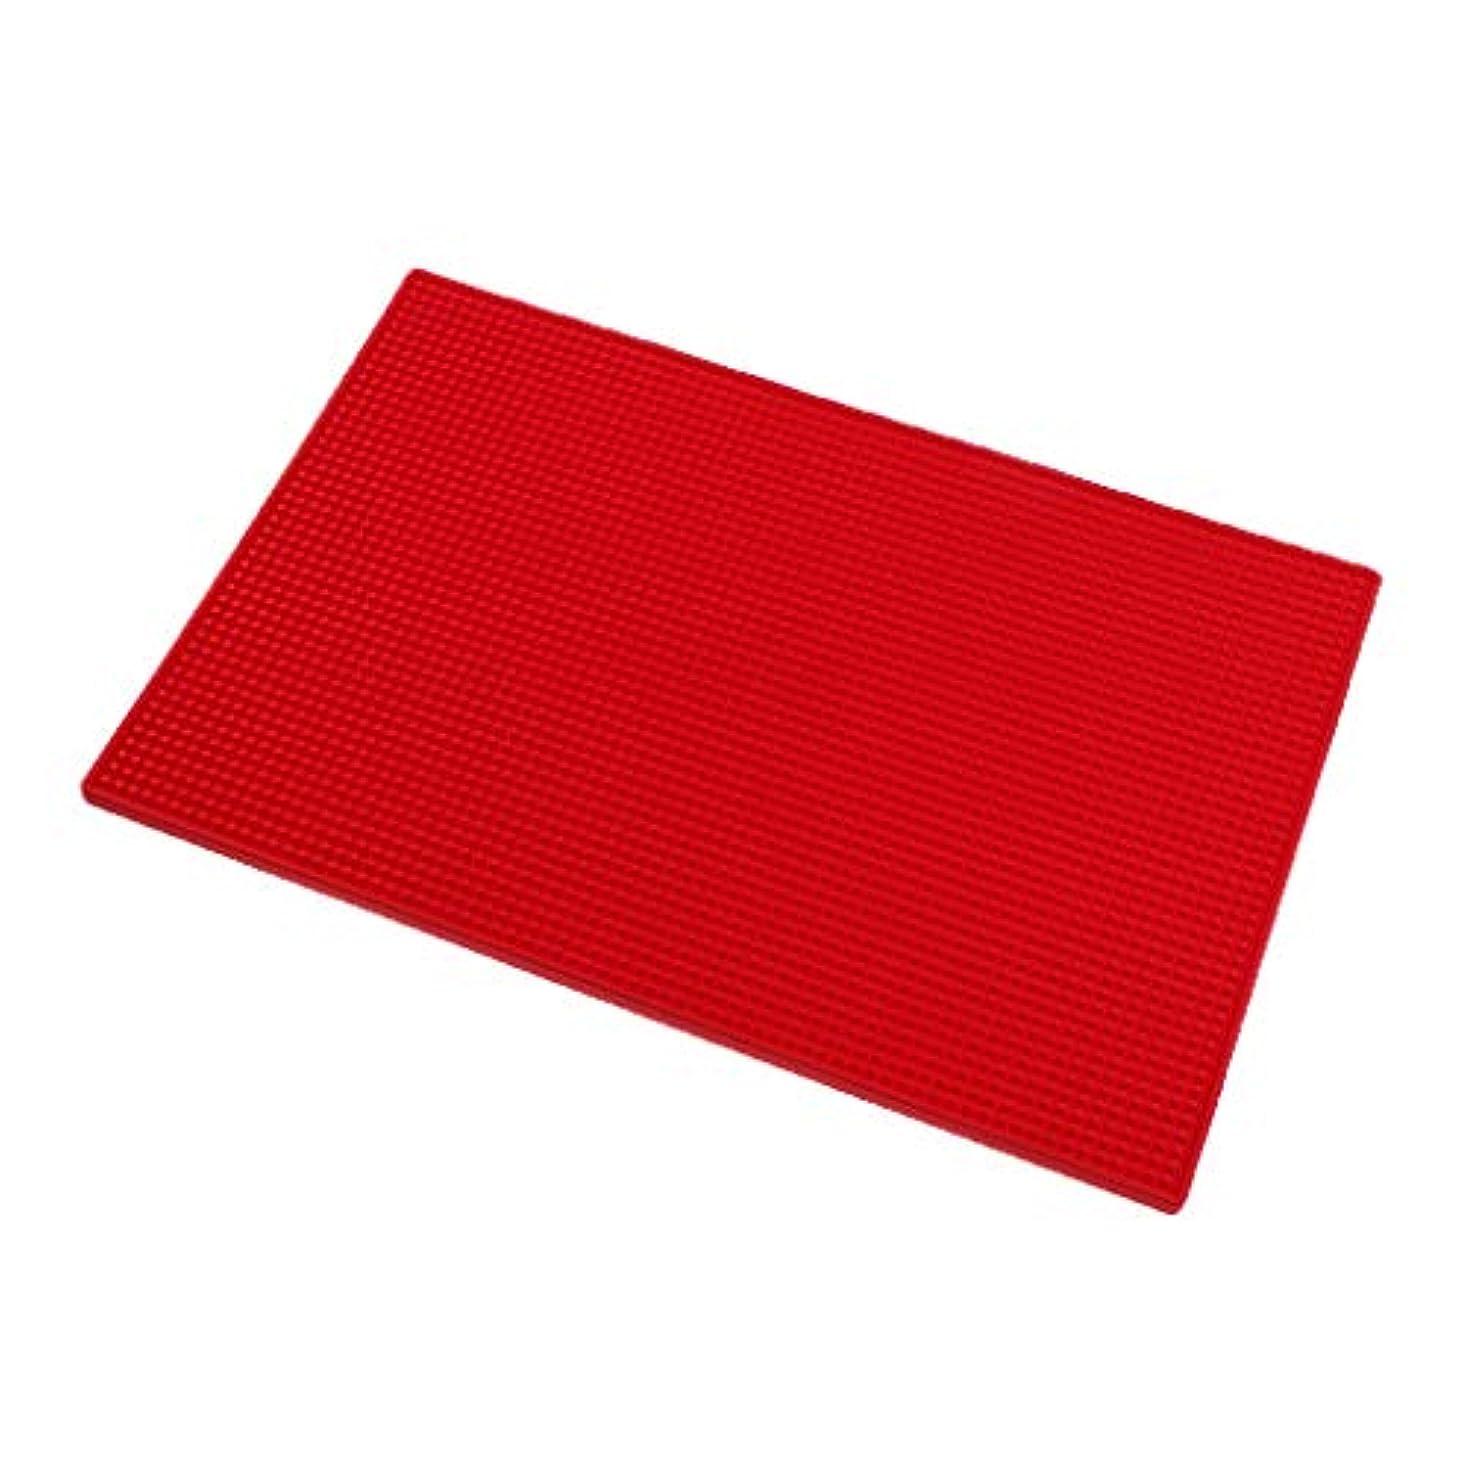 助けて給料心理的にP Prettyia クッション シリコンマット ネイルアート ハンドレスト マニキュアツール 全3色 - 赤